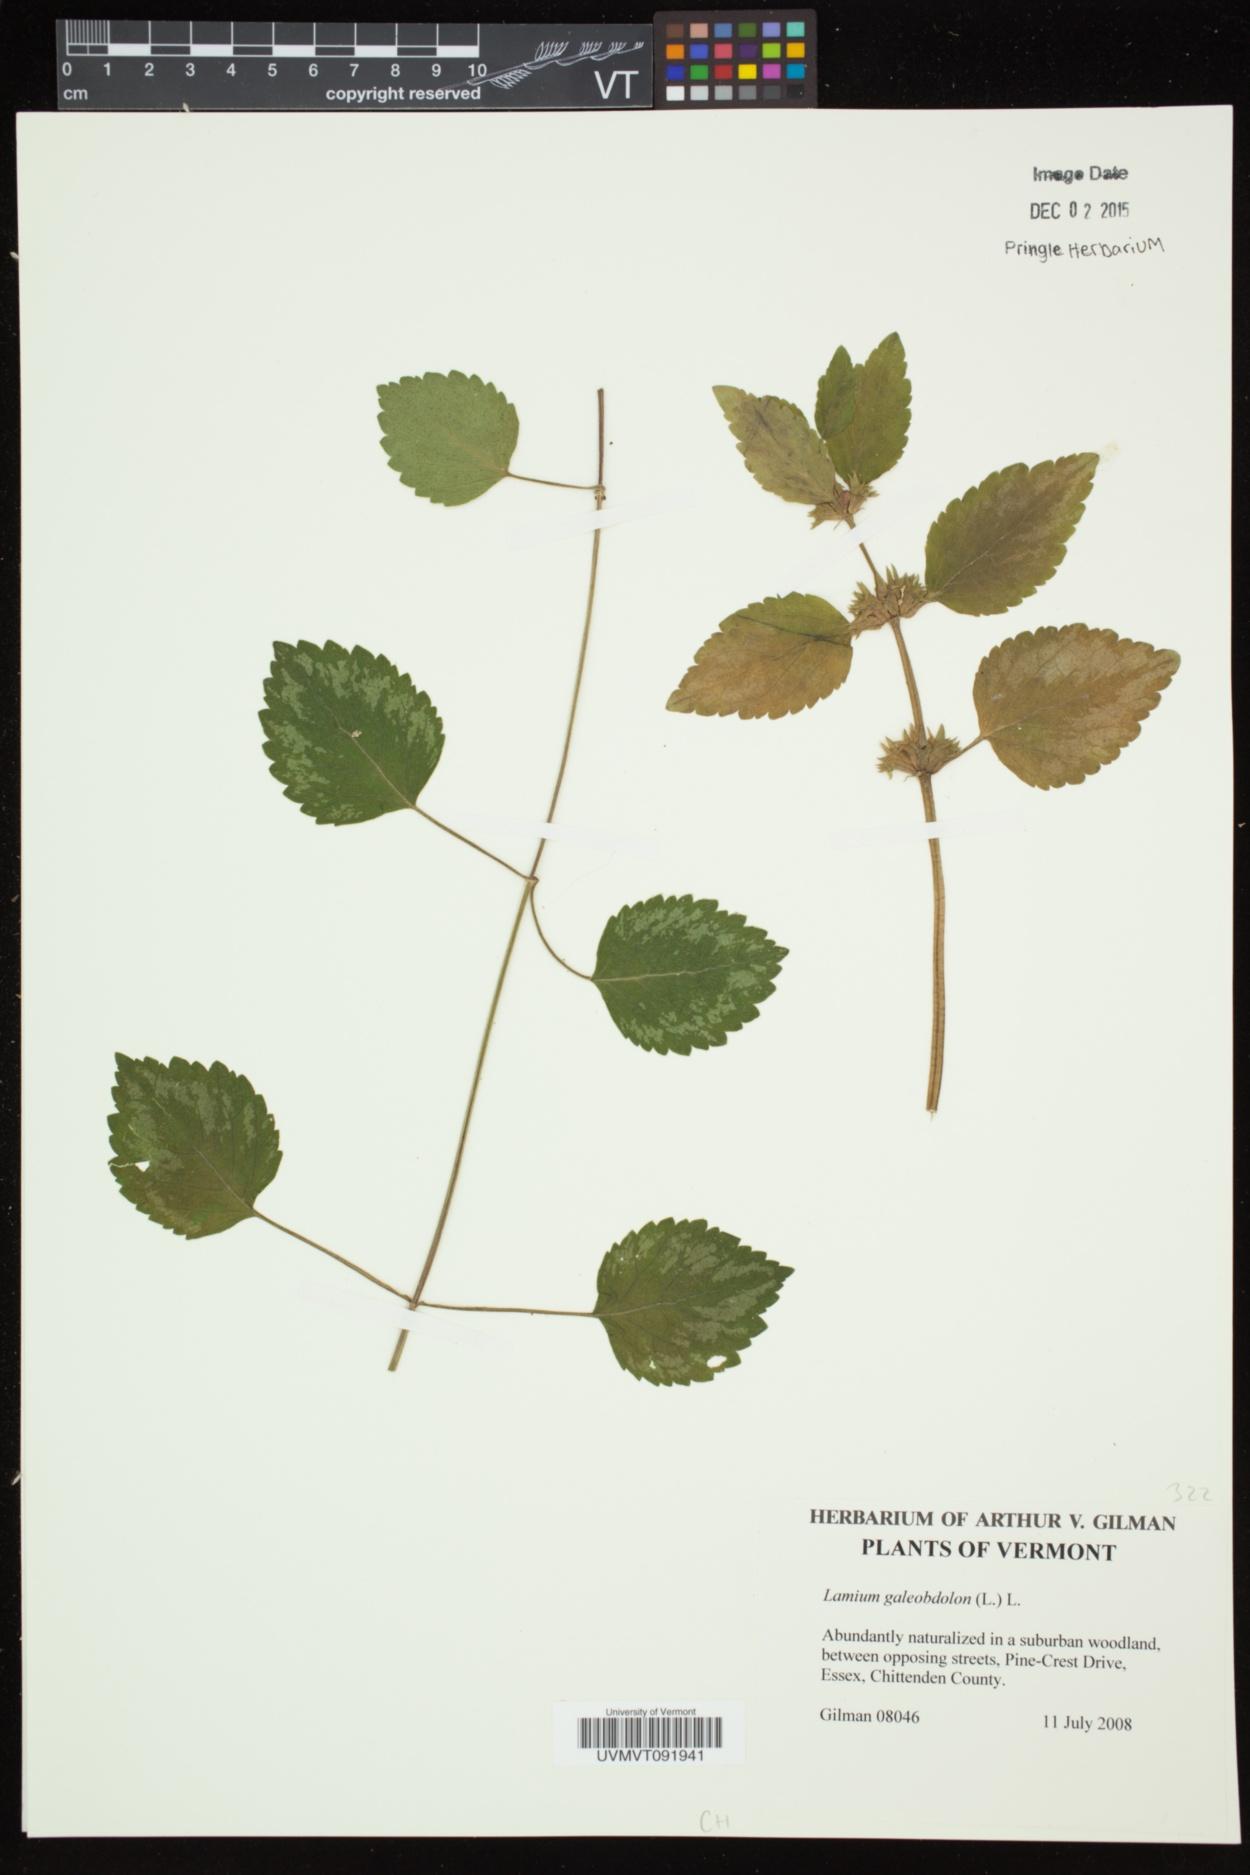 Lamium galeobdolon subsp. galeobdolon image